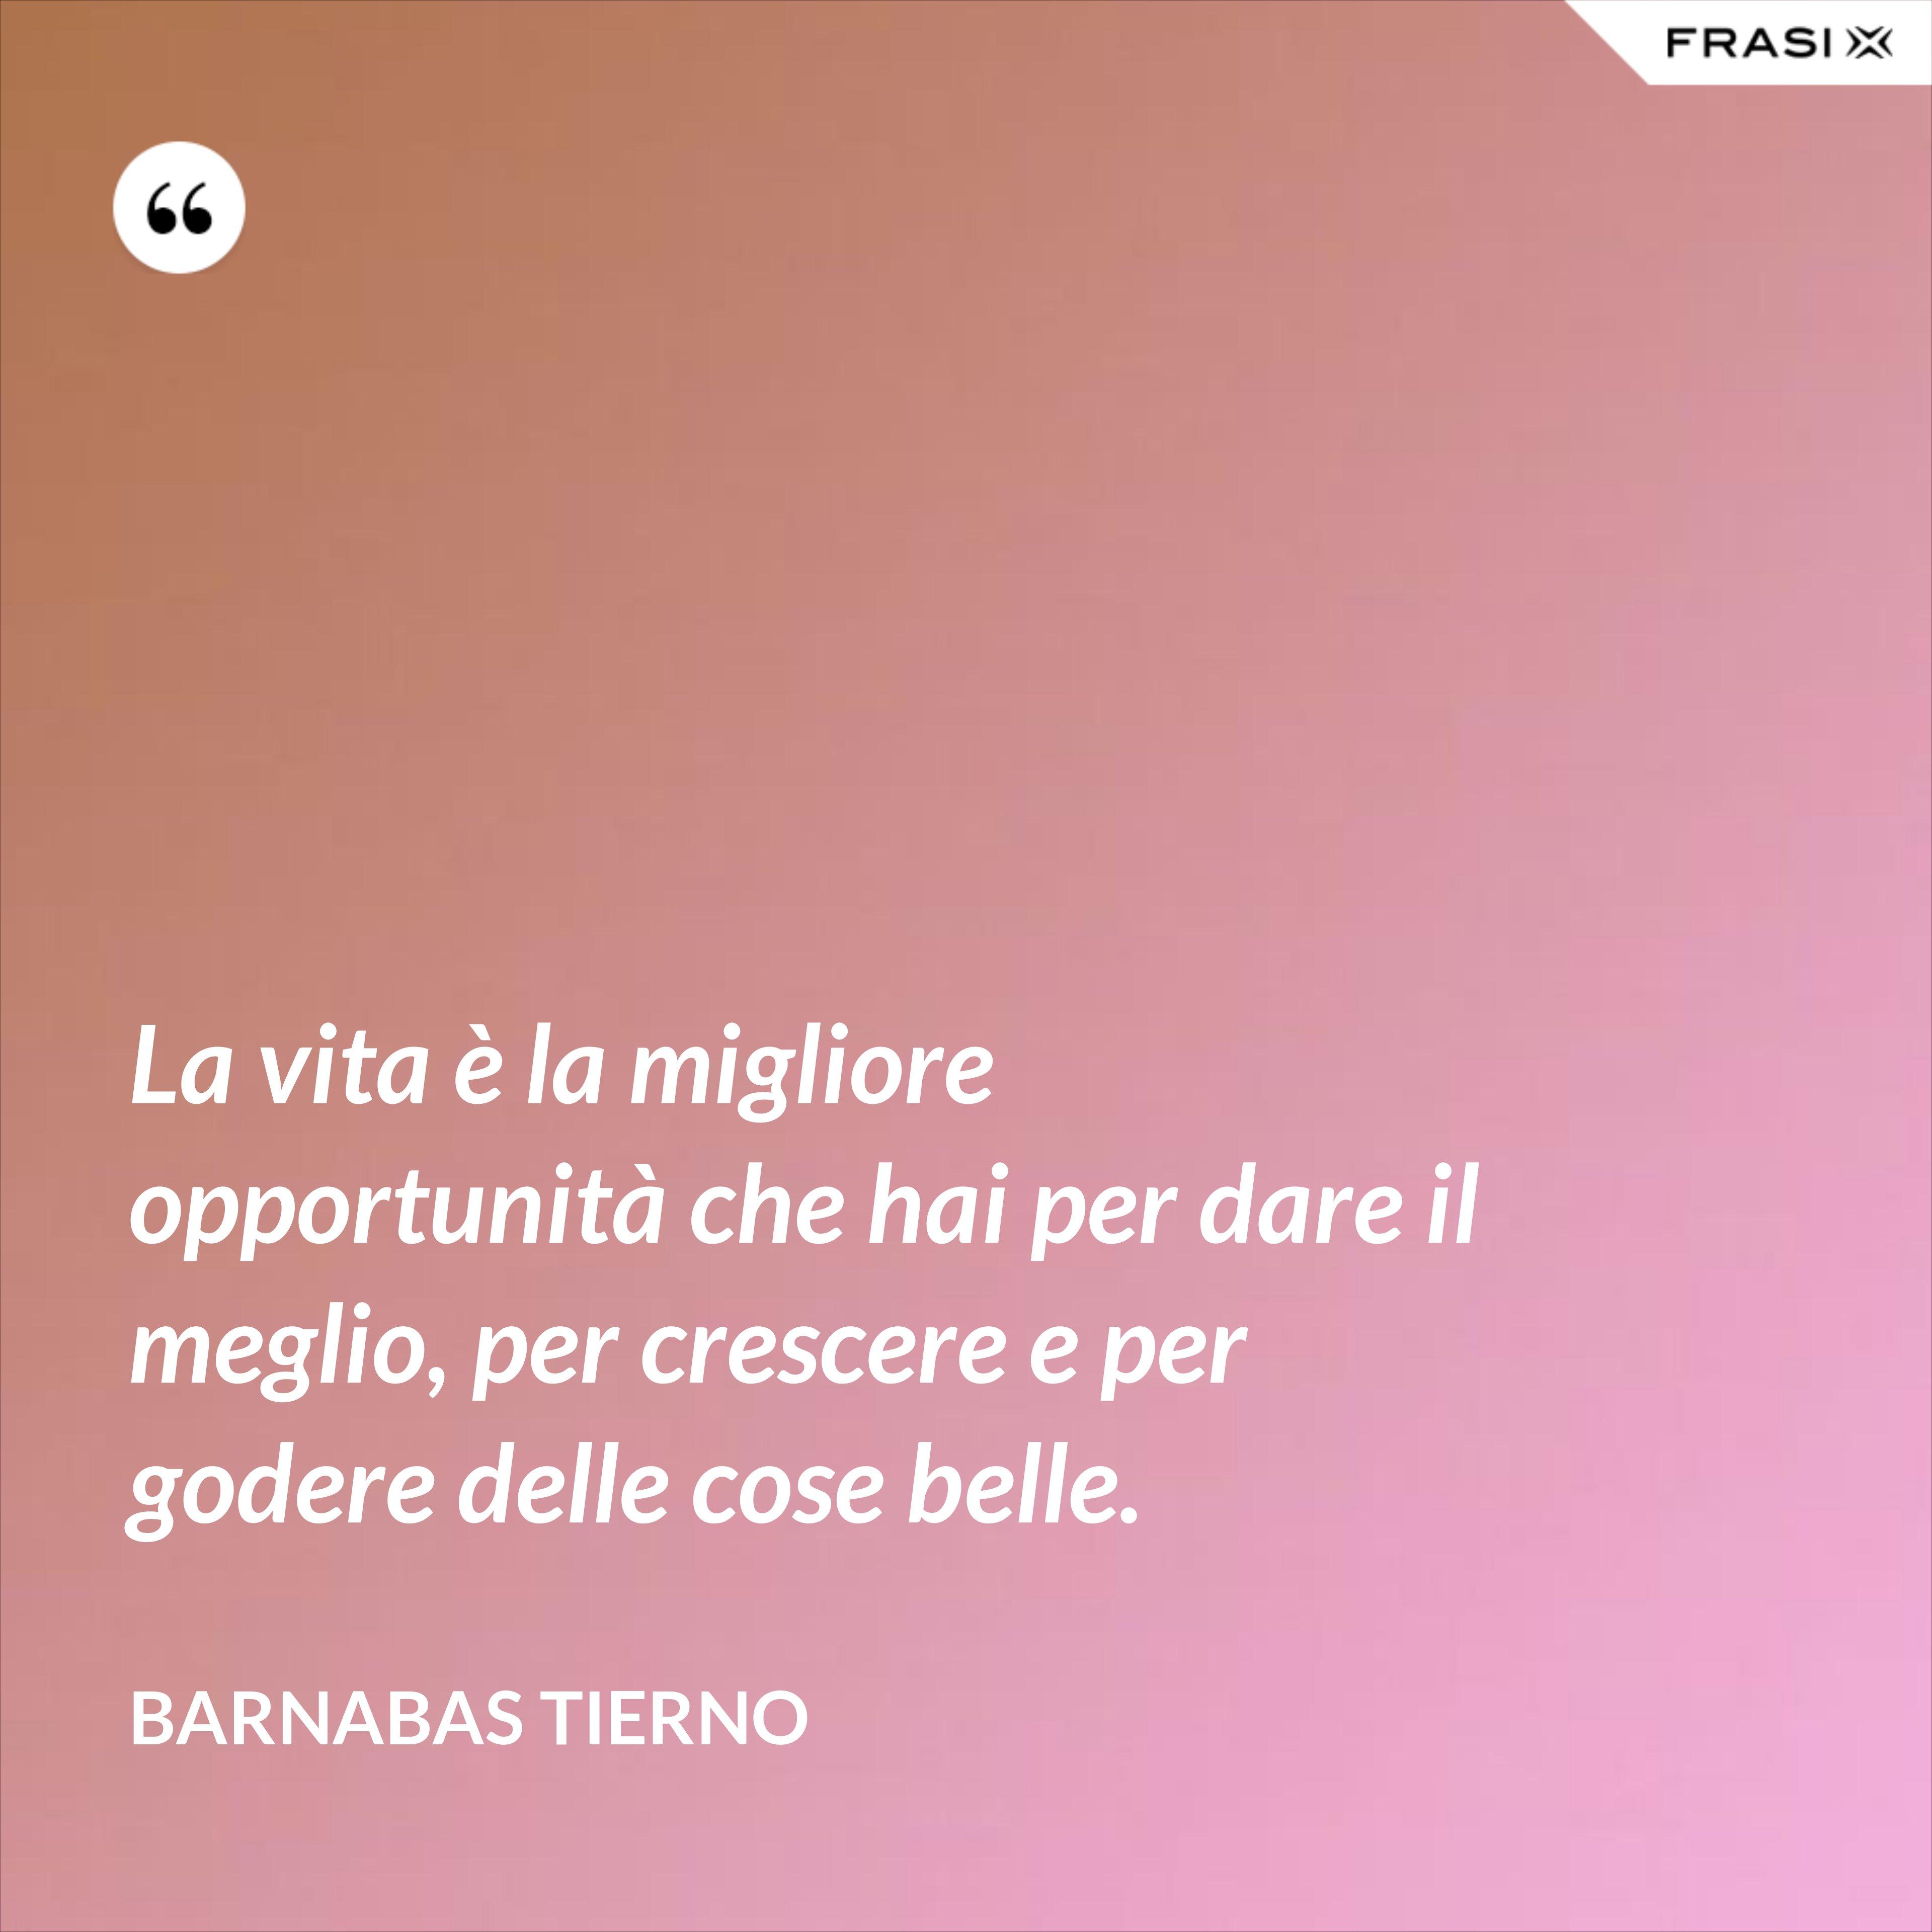 La vita è la migliore opportunità che hai per dare il meglio, per crescere e per godere delle cose belle. - Barnabas Tierno